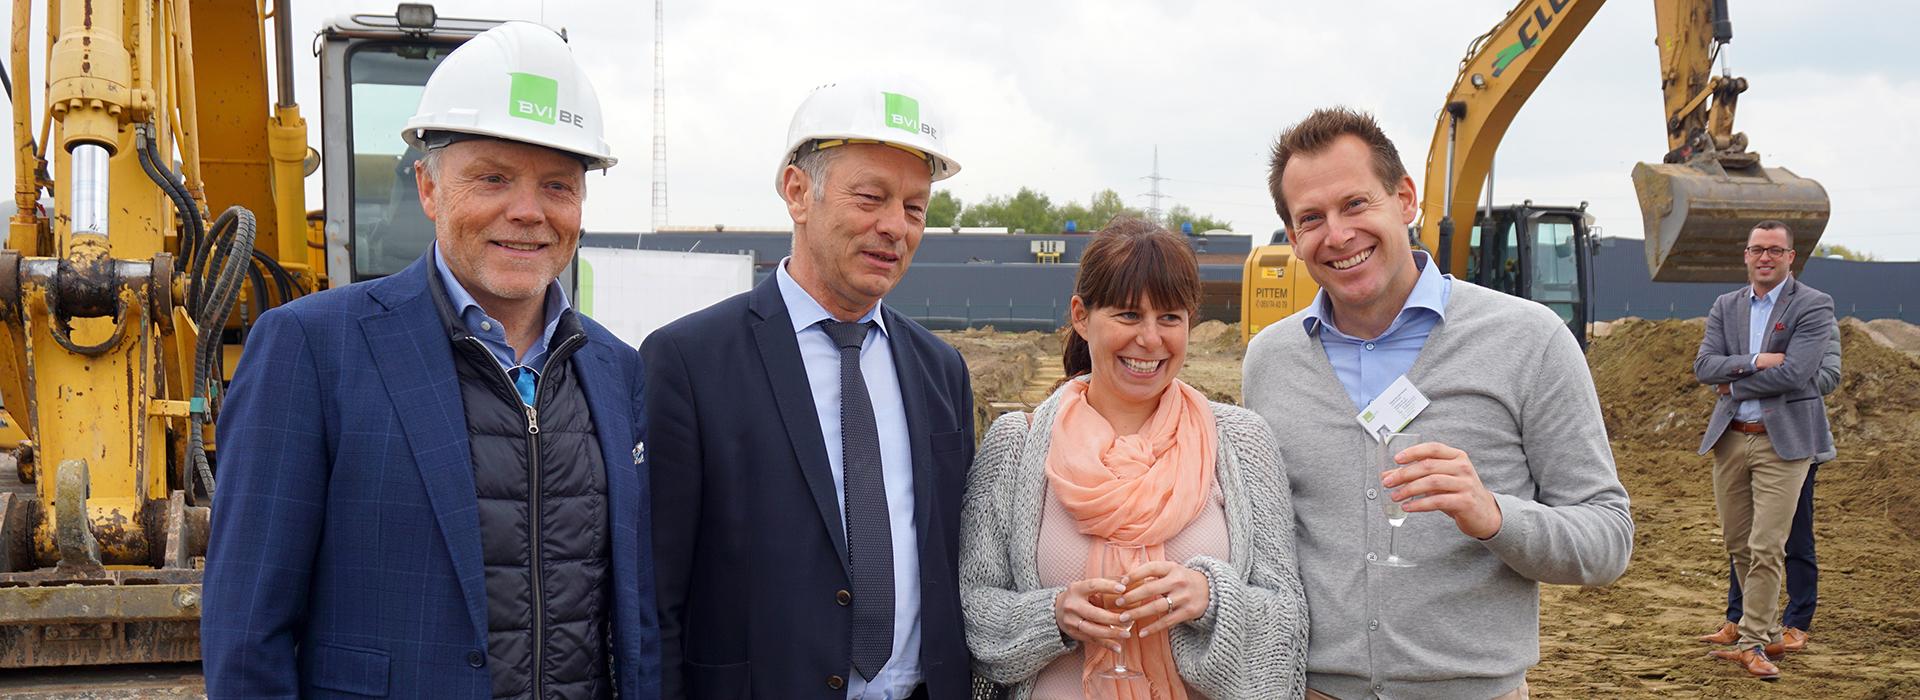 BVI.BE emmène les entrepreneurs à Aalter avec un tout nouveau parc PME